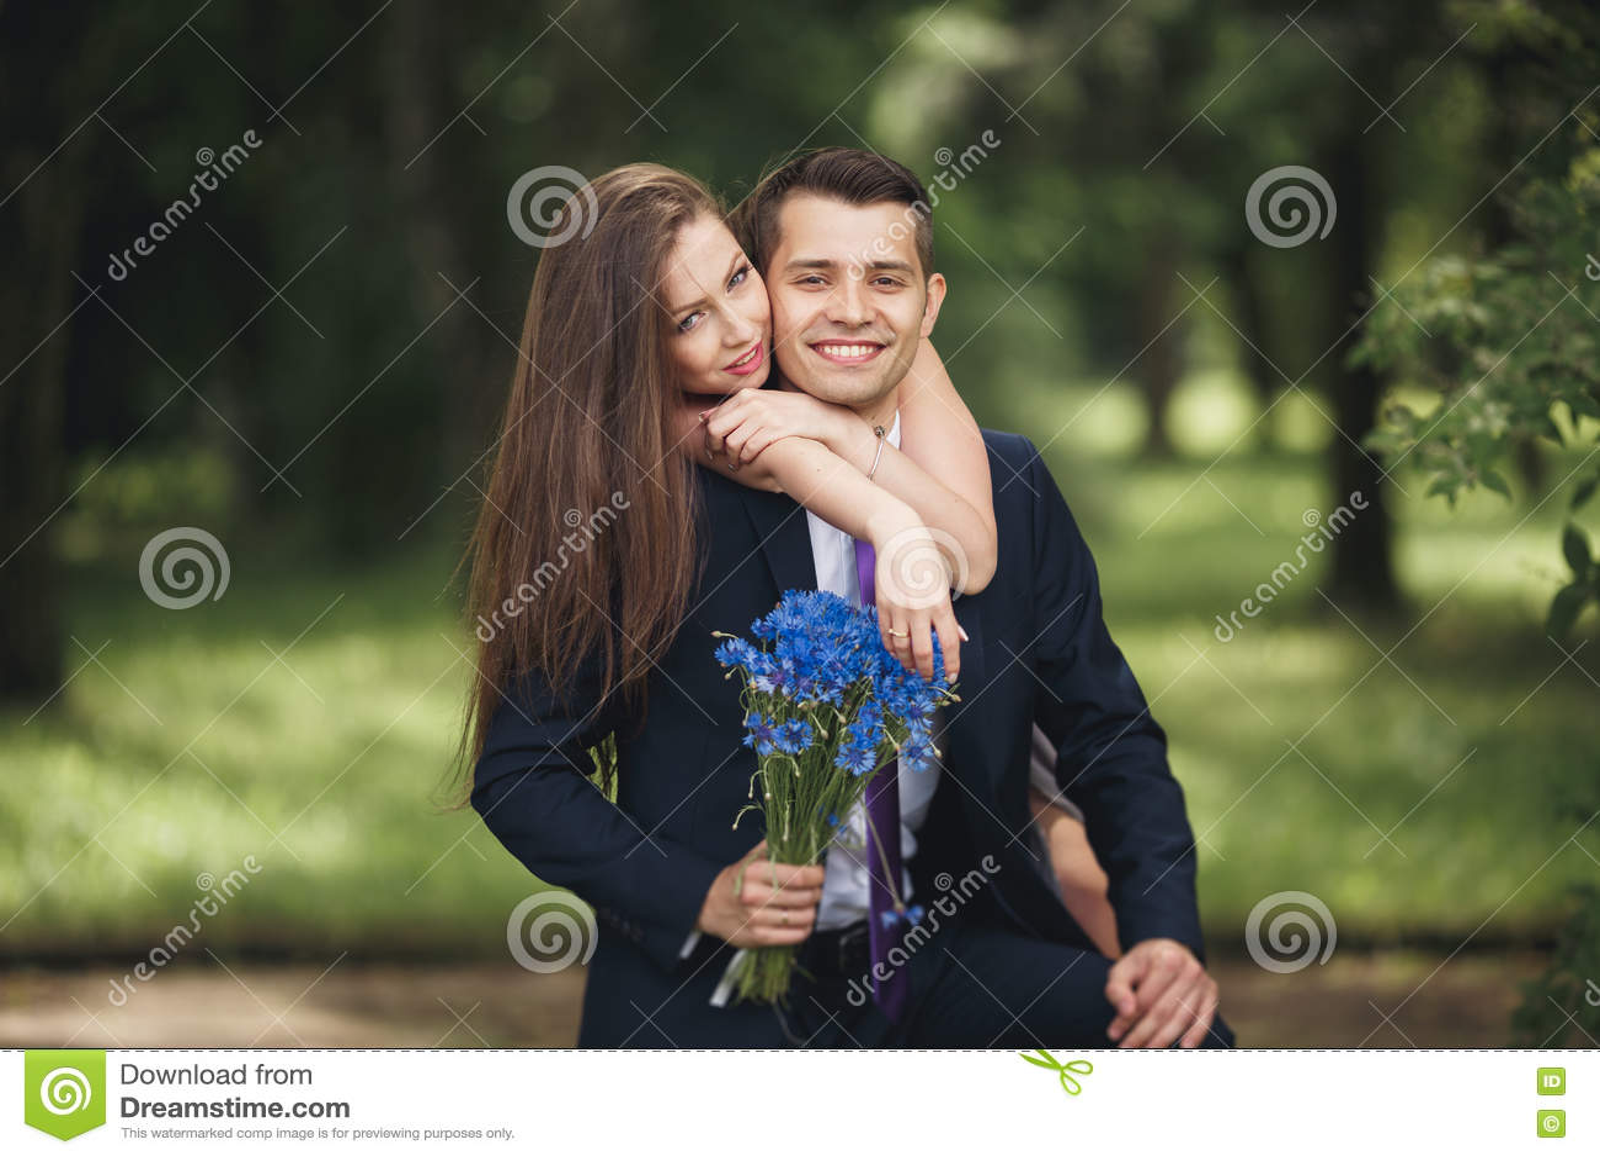 Девушка трахает лицо парня и его язык своей киской порно помашут